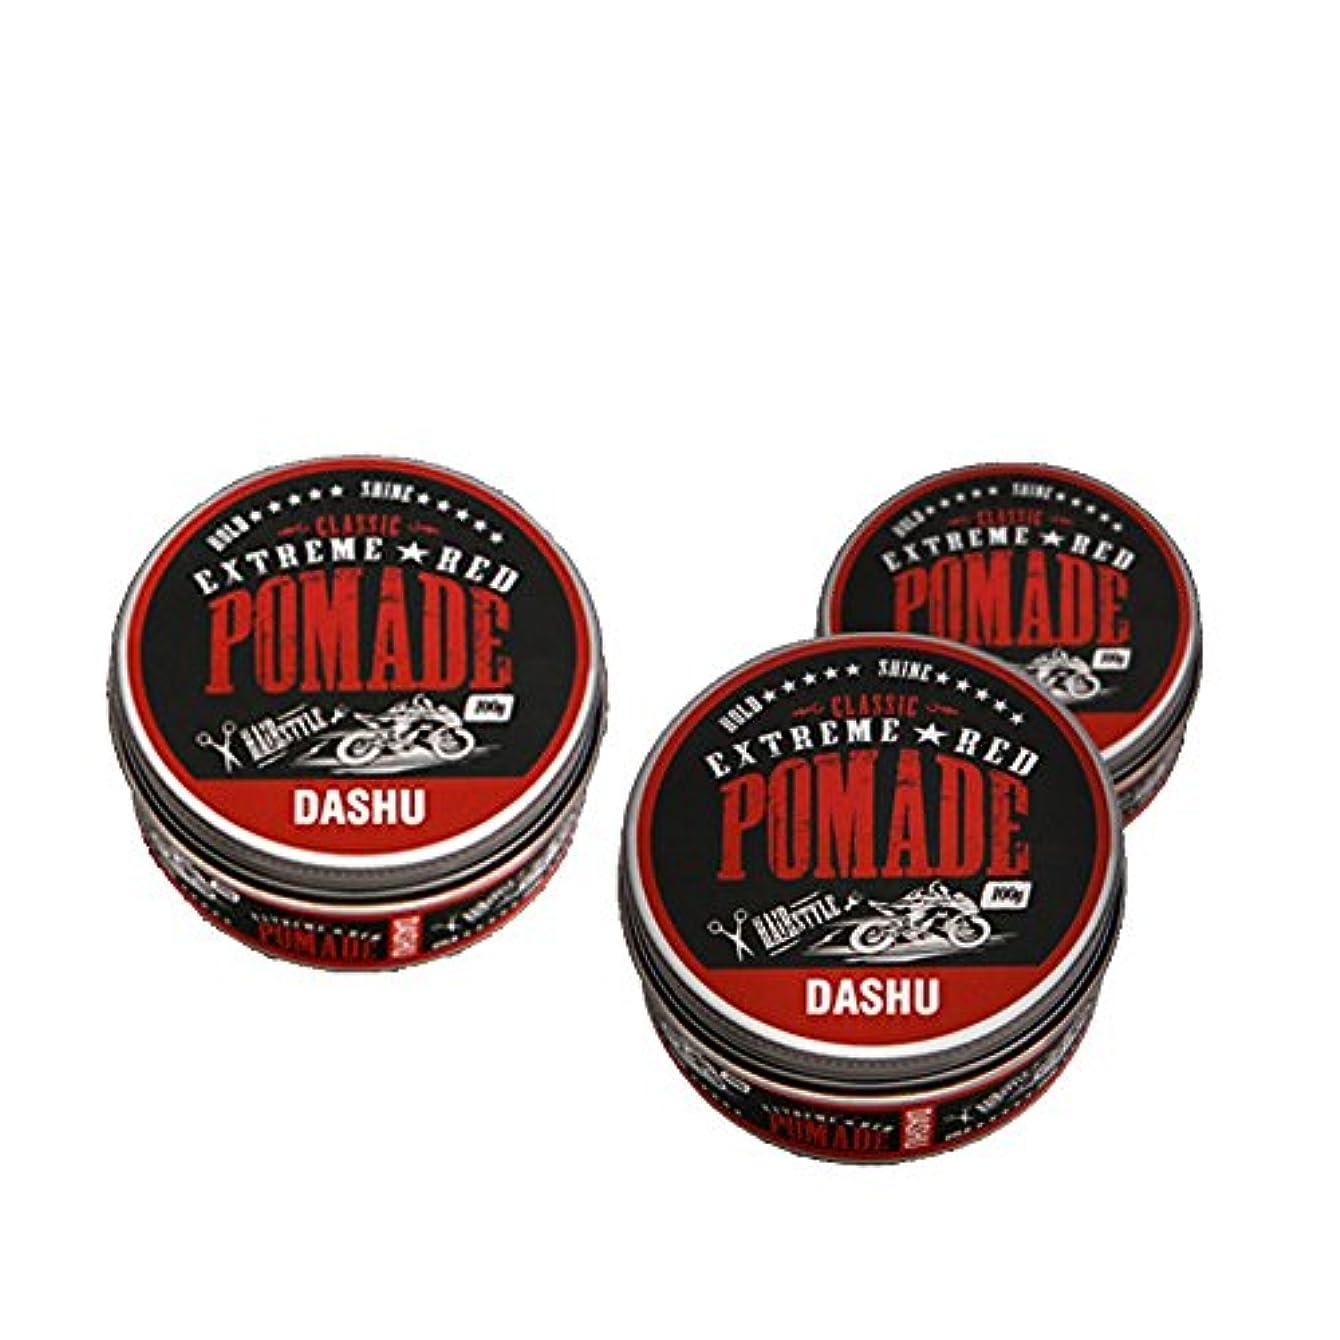 代替ショートカット細断(3個セット) x [DASHU] ダシュ クラシックエクストリームレッドポマード Classic Extreme Red Pomade Hair Wax 100ml / 韓国製 . 韓国直送品